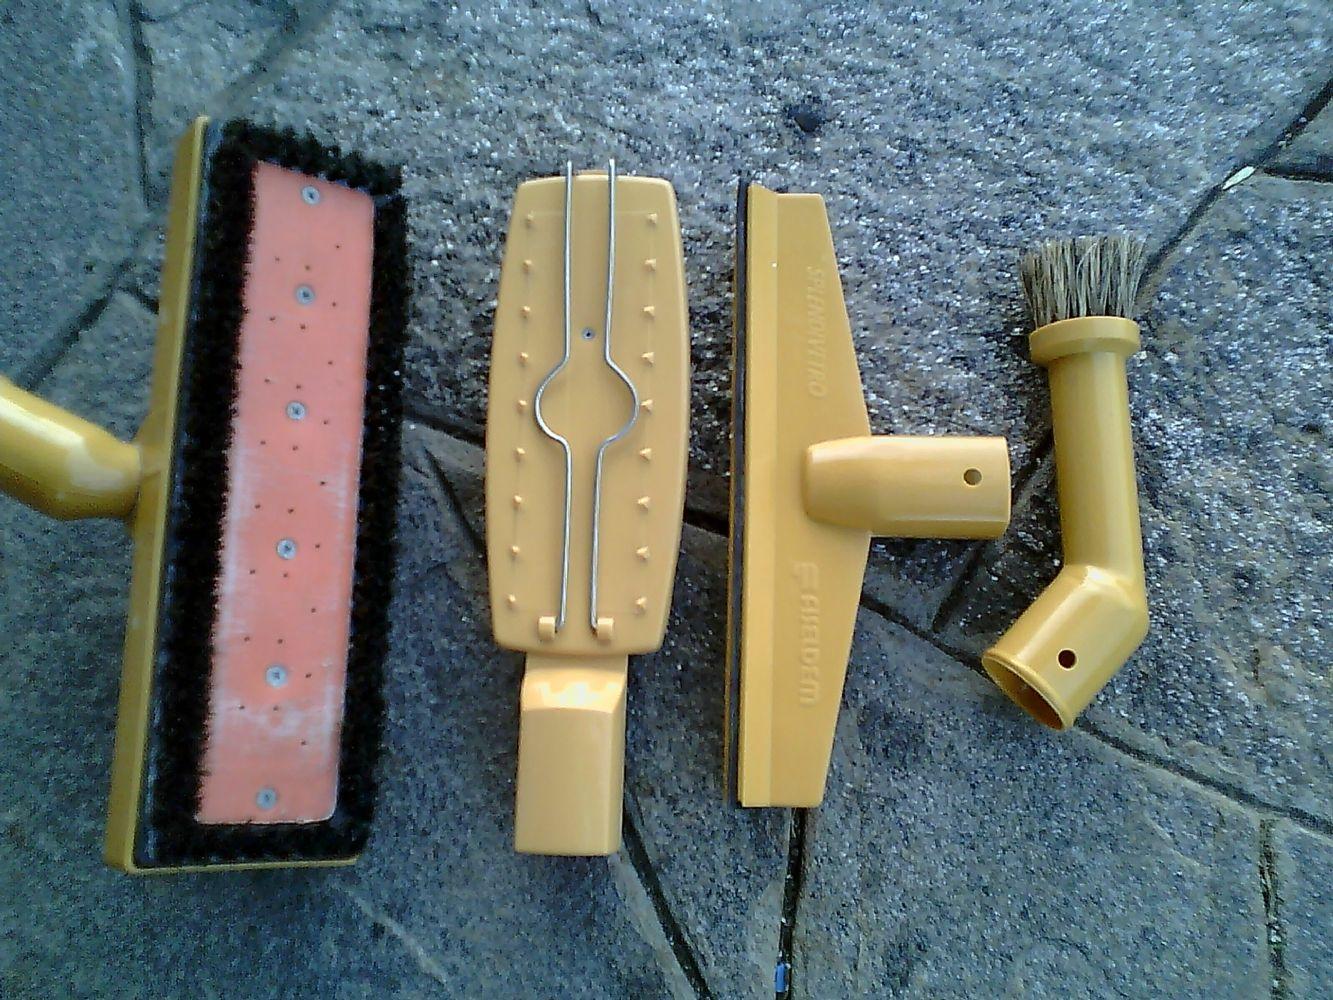 Baratto scambio vaporella accessori elettronica for Regalo oggetti usati